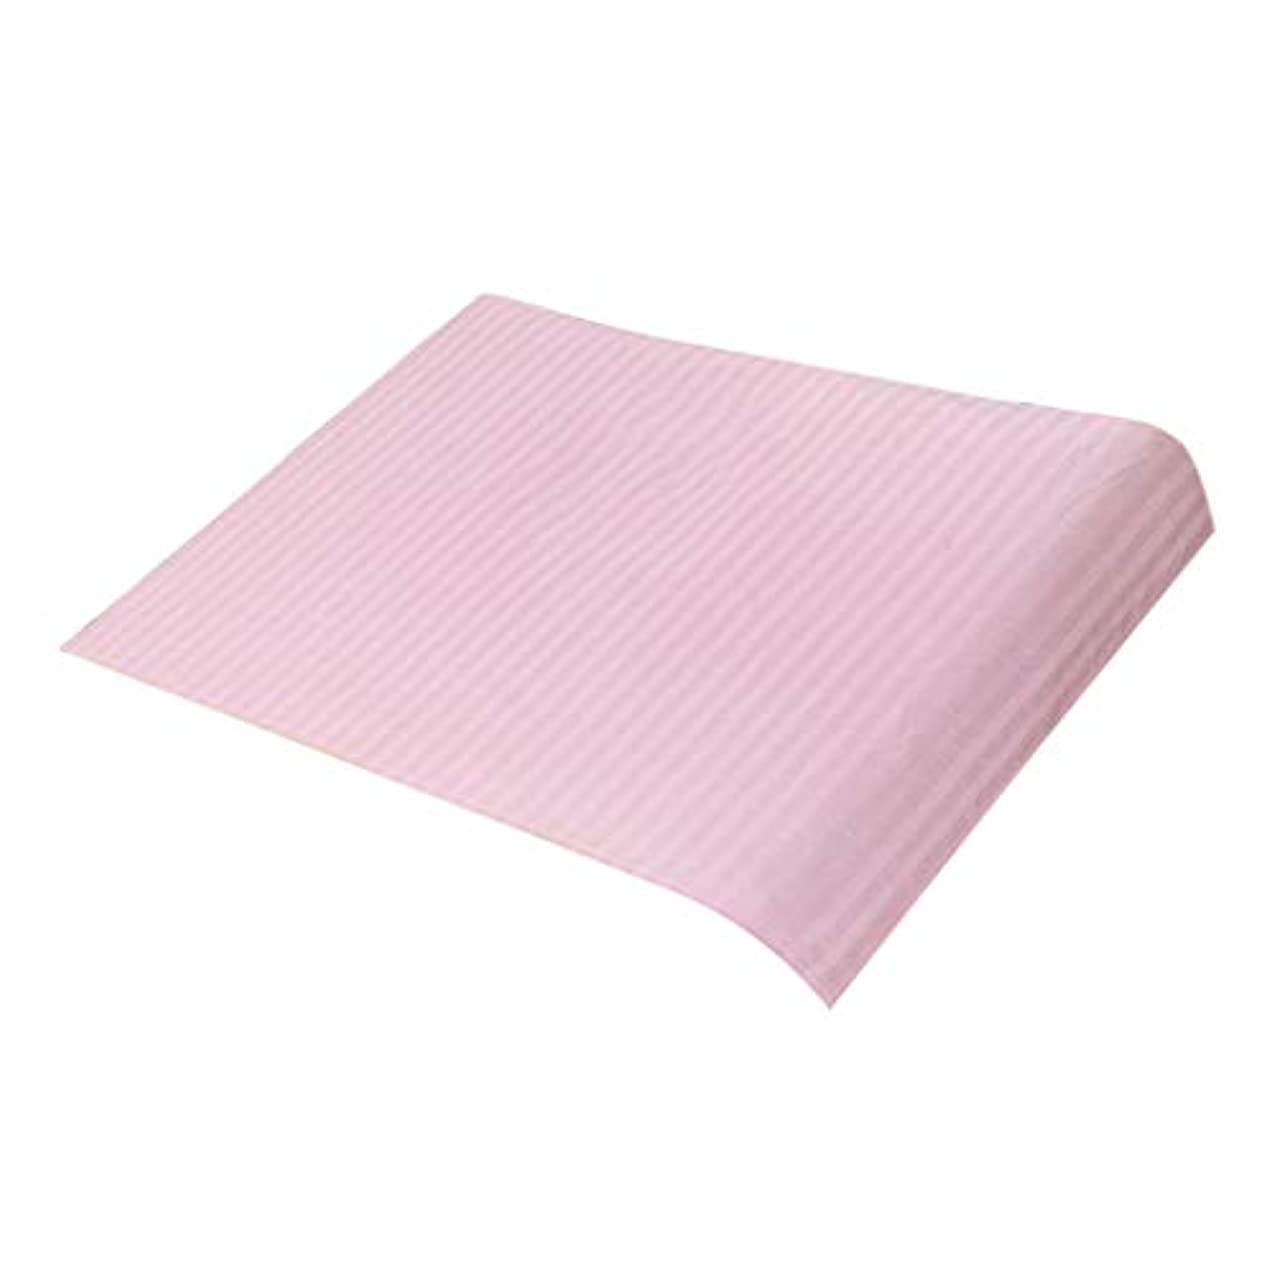 対応するせっかち鰐SM SunniMix マッサージベッドカバー 美容ベッドカバー スパ マッサージテーブルスカート 綿素材 断面デザイン - ピンク